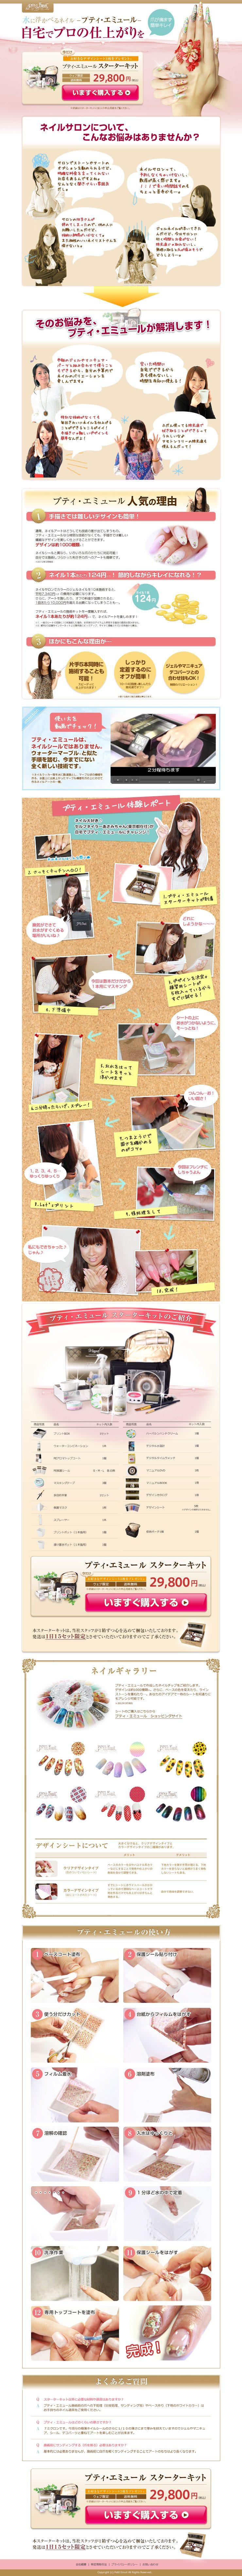 女性向け・美容系ランディングページ01